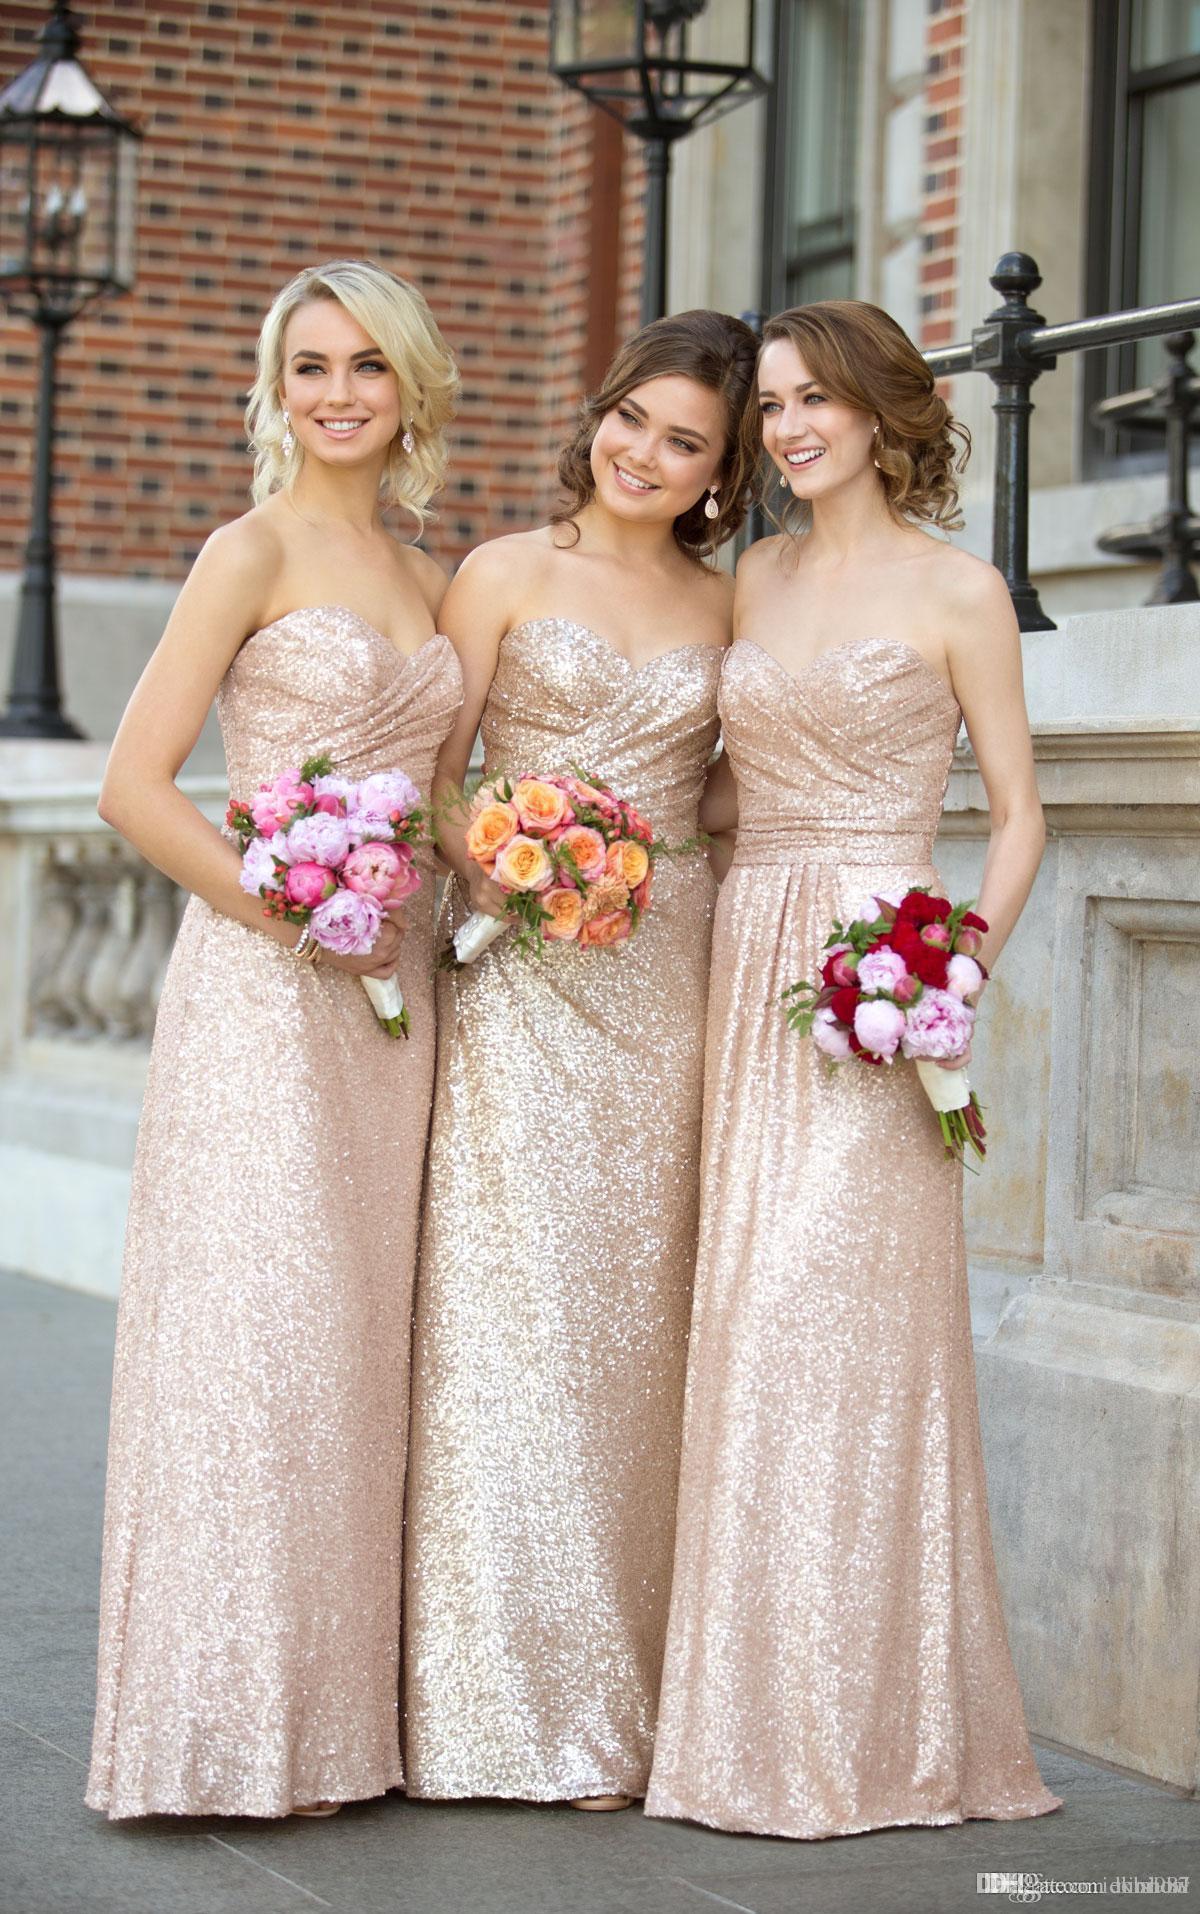 Sevgiliye Straplez Gül Altın Pullu Gelinlik Modelleri 2017 Kadınlar Için Bir Çizgi Kılıf Elbiseler Ucuz Uzun Kat Uzunluk Düğün Konuk elbise